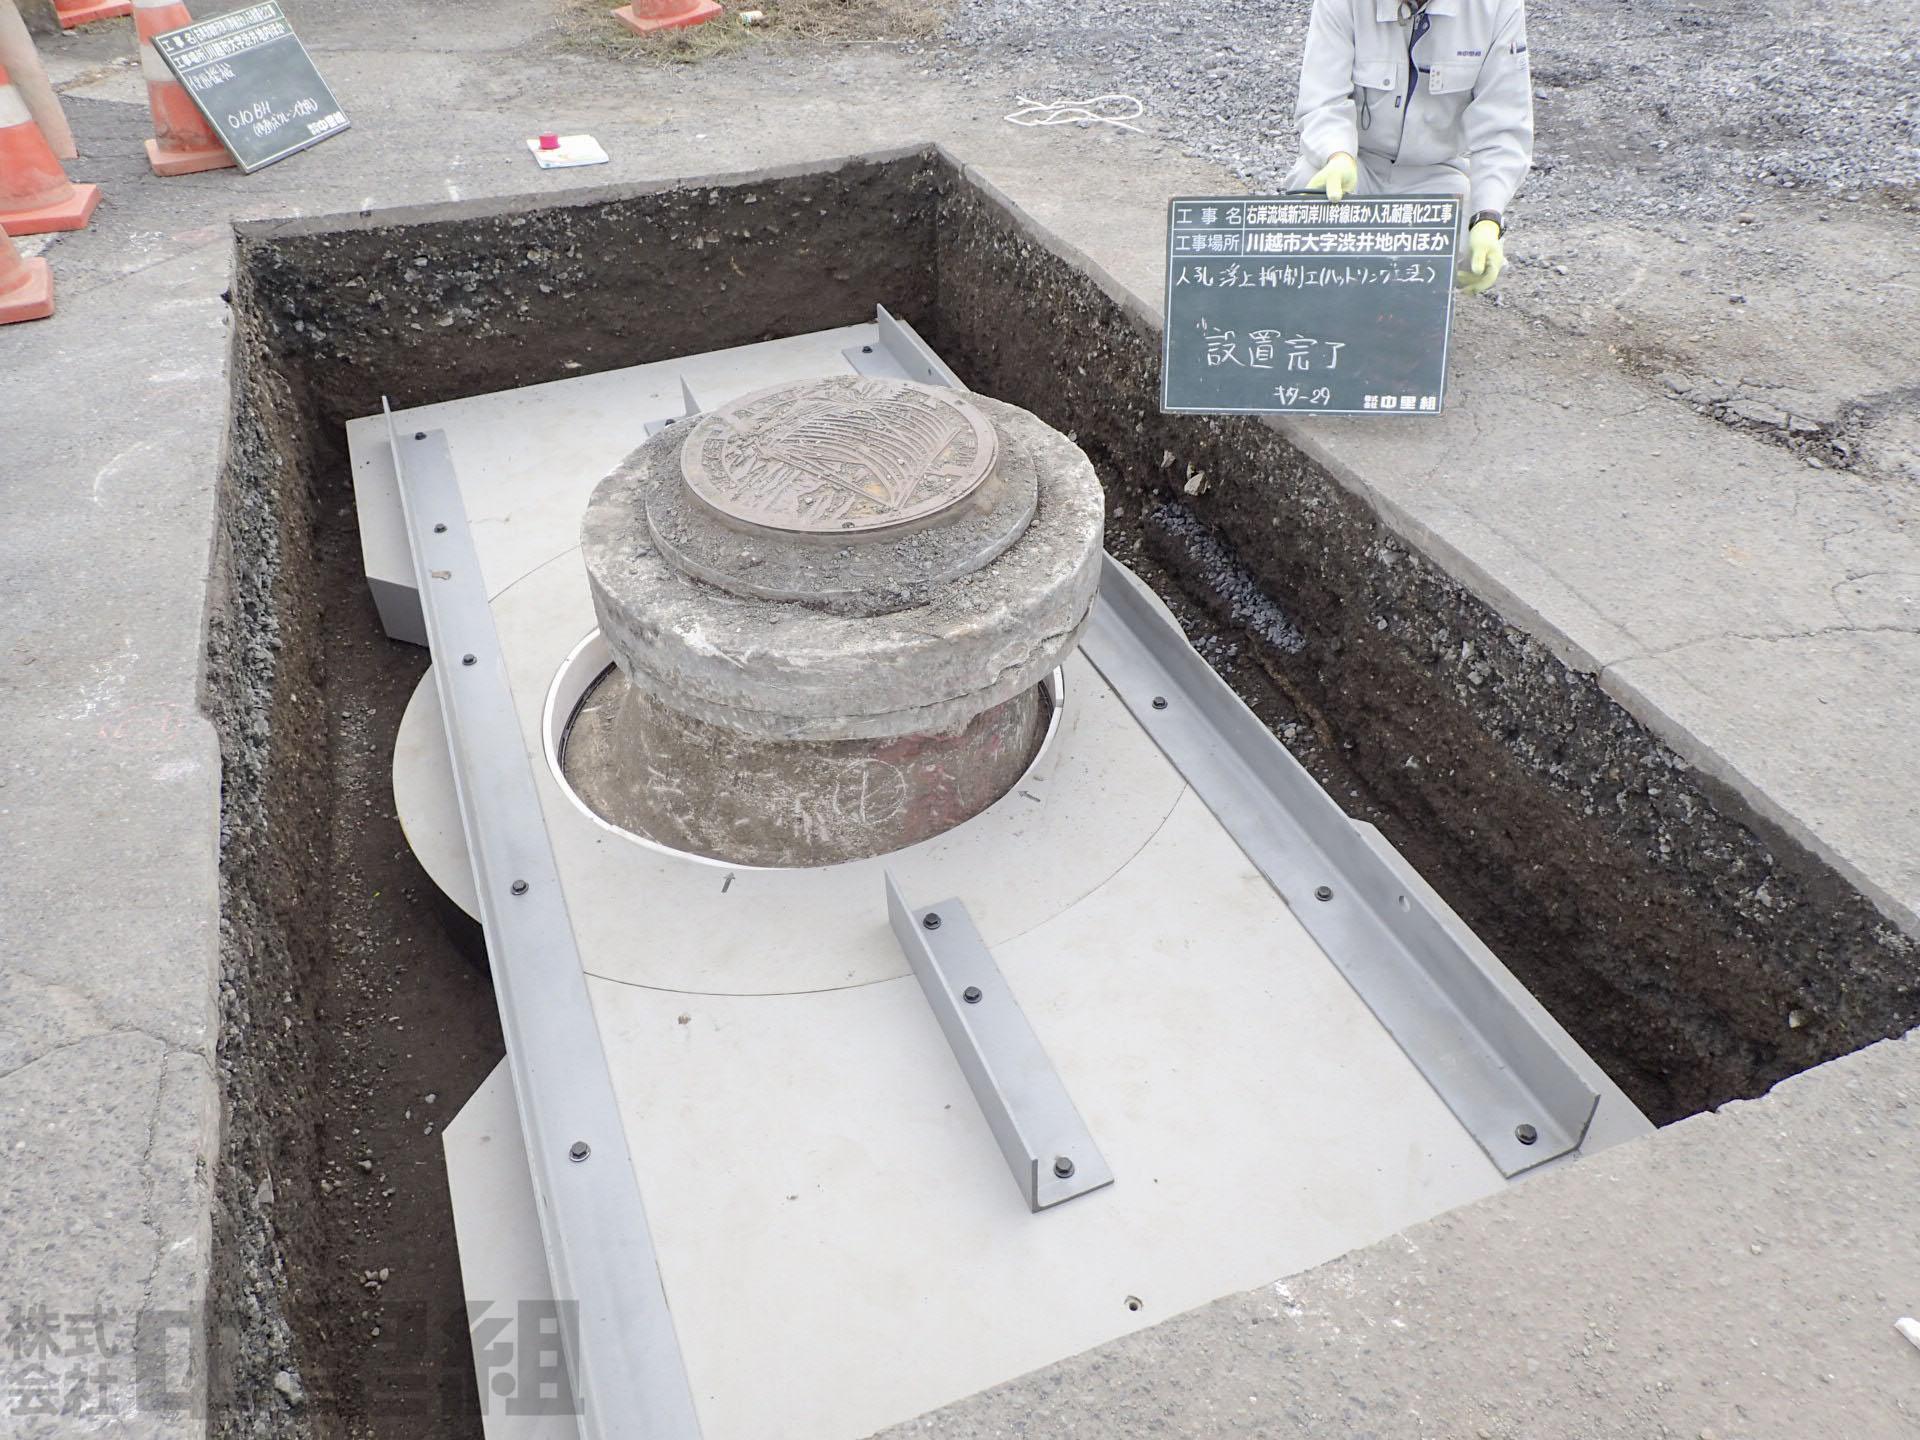 人孔耐震化2工事の写真